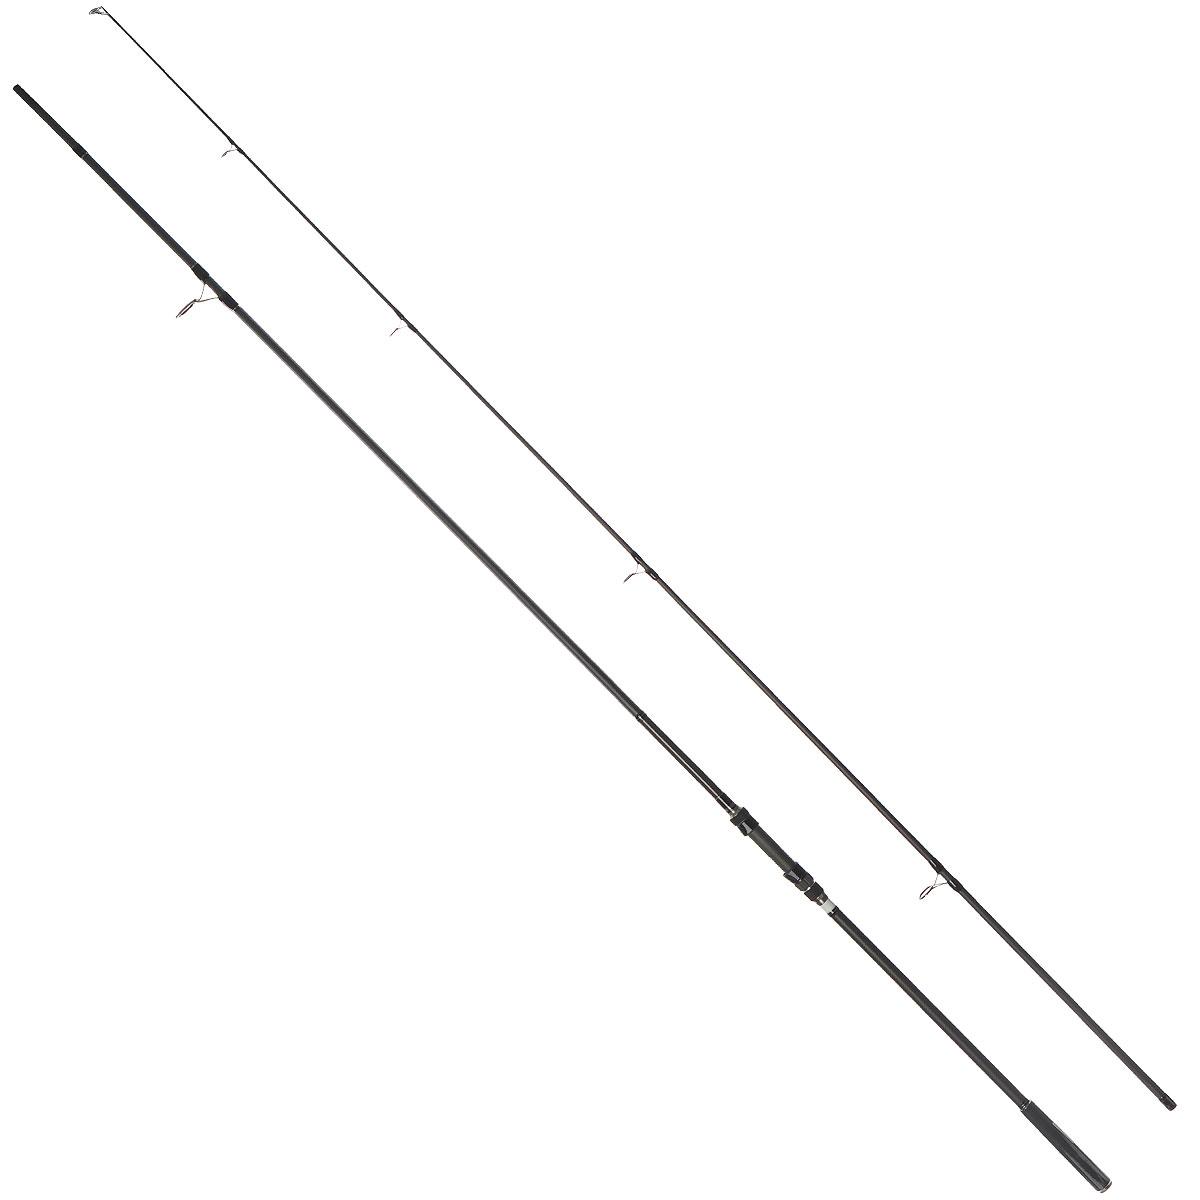 Удилище карповое Daiwa Windcast Carp, 3,9 м, 3,5 lbs0023292Daiwa Windcast Carp - это высококлассное карповое удилище с феноменальными рабочими характеристиками.Особенности удилища:Бланки из высокомодульного графита обеспечивают высокую чувствительность и мощность. Армирующая графитовая оплетка по всей длине. Надежный катушкодержатель от FujiПропускные кольца со вставками Sic. Флуоресцентная полоска с подсветкой специально для ночной ловли.Поставляется в чехле для переноски и хранения.Тест: 3,5 lbs.